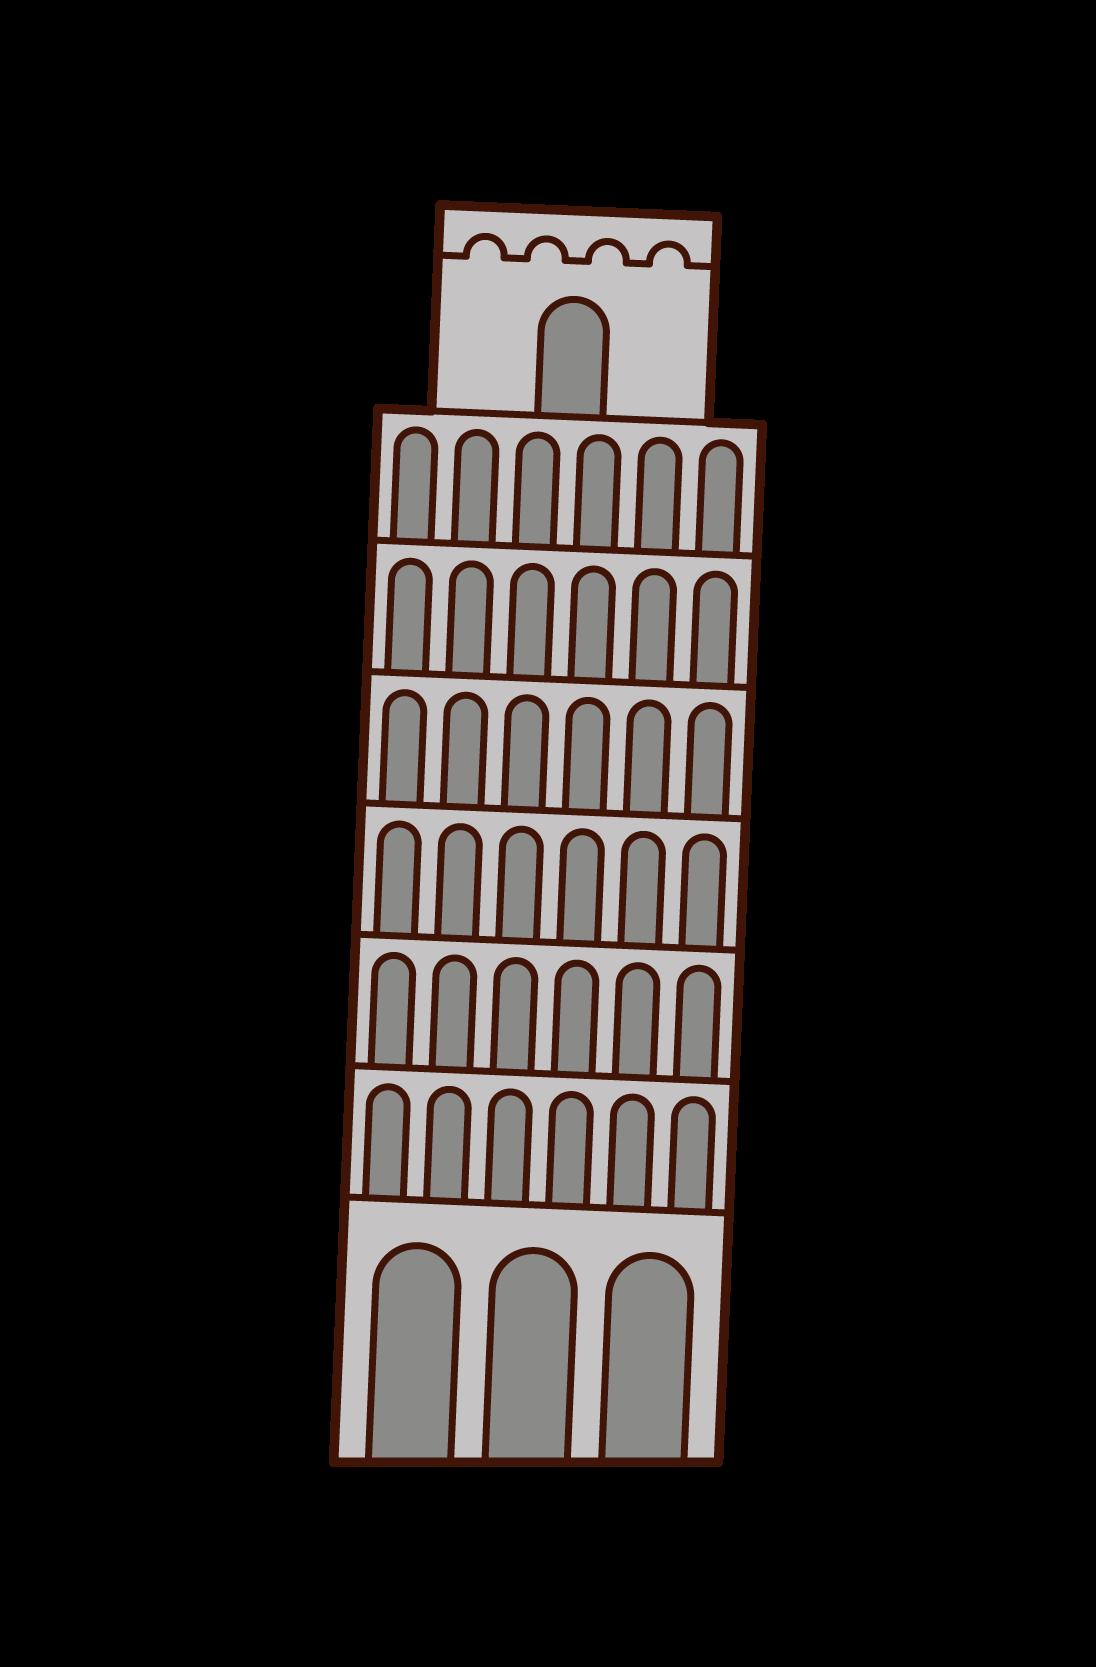 ピサの斜塔のイラスト